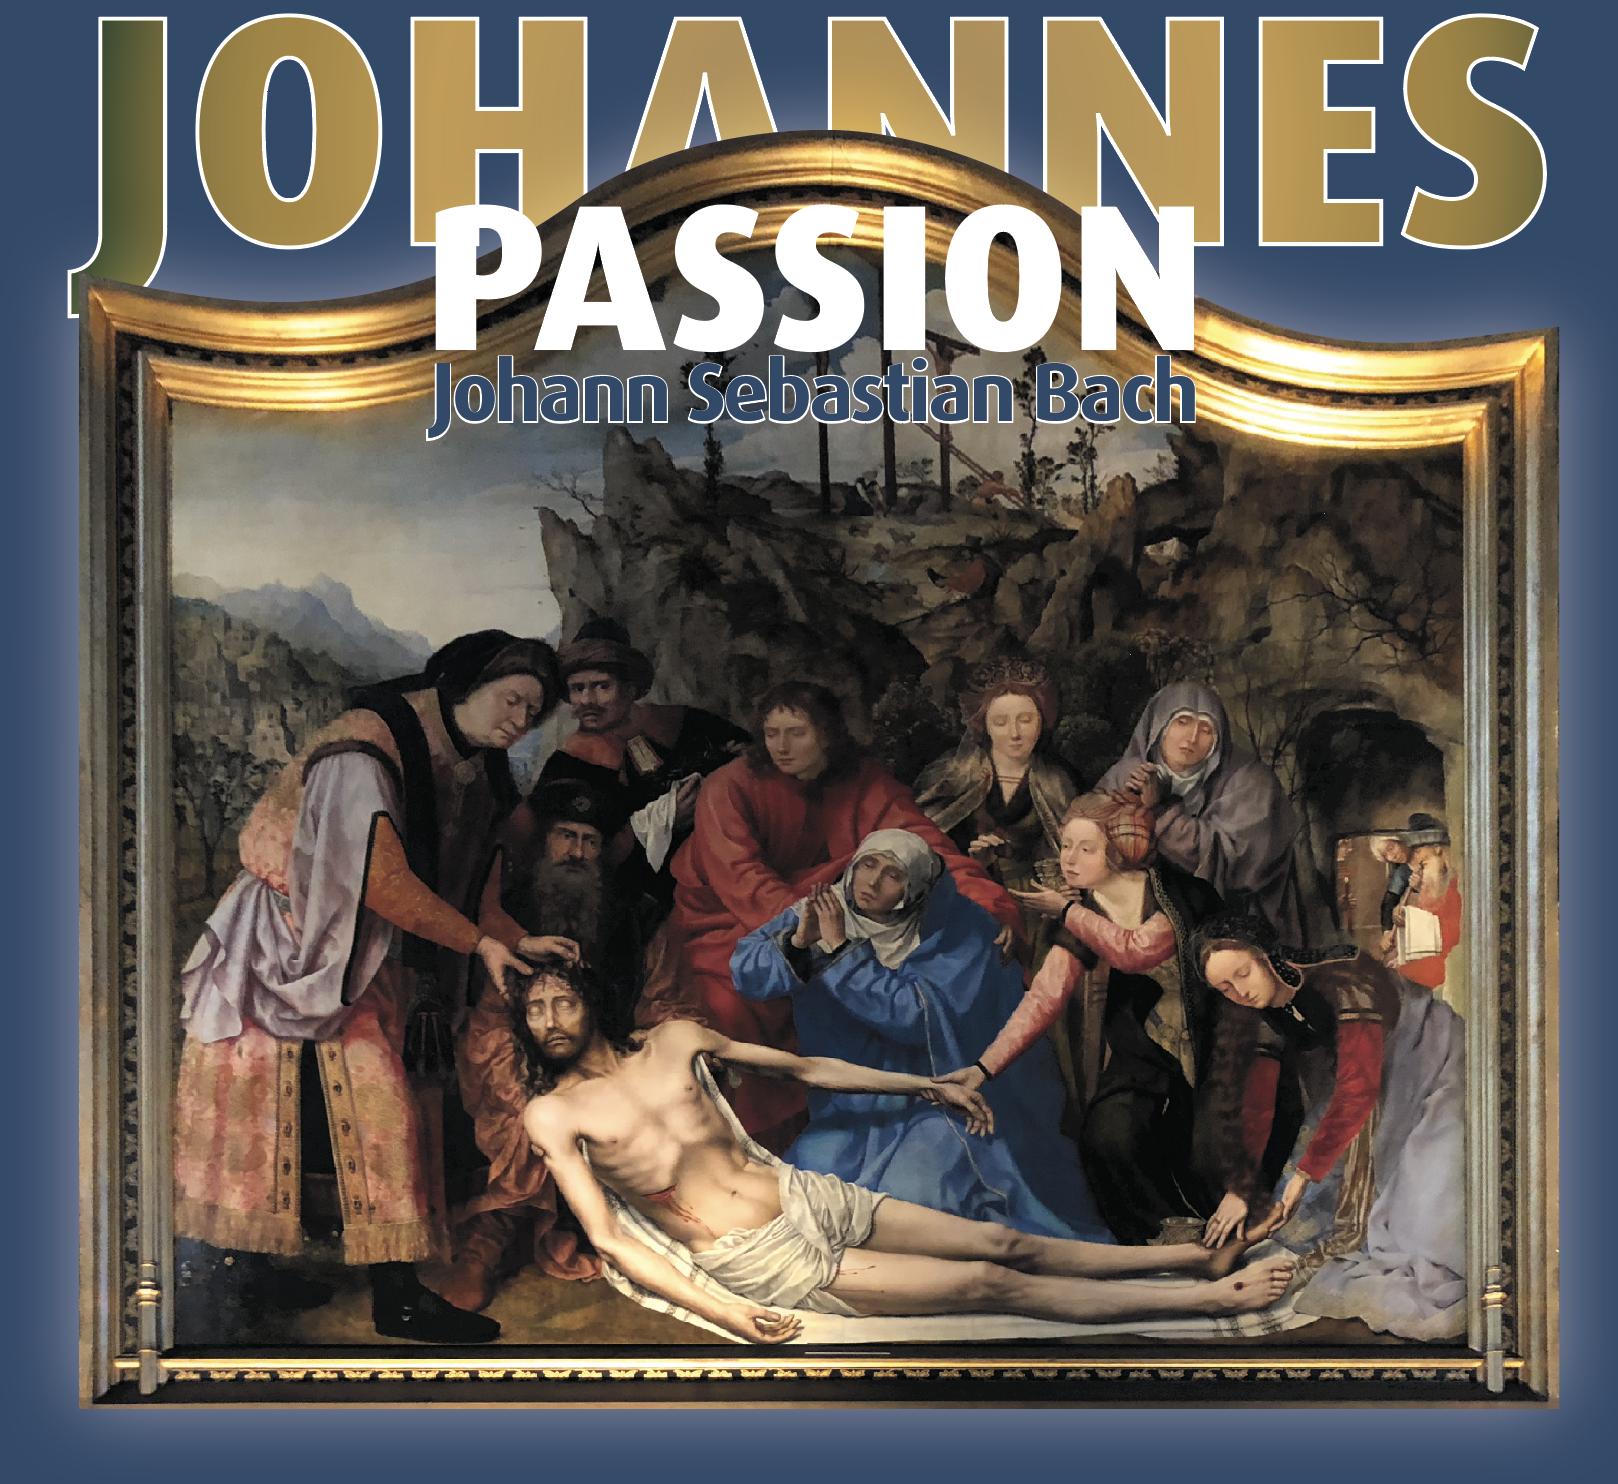 Projectzanger Johannes Passion vanaf 8 januari 2019 61